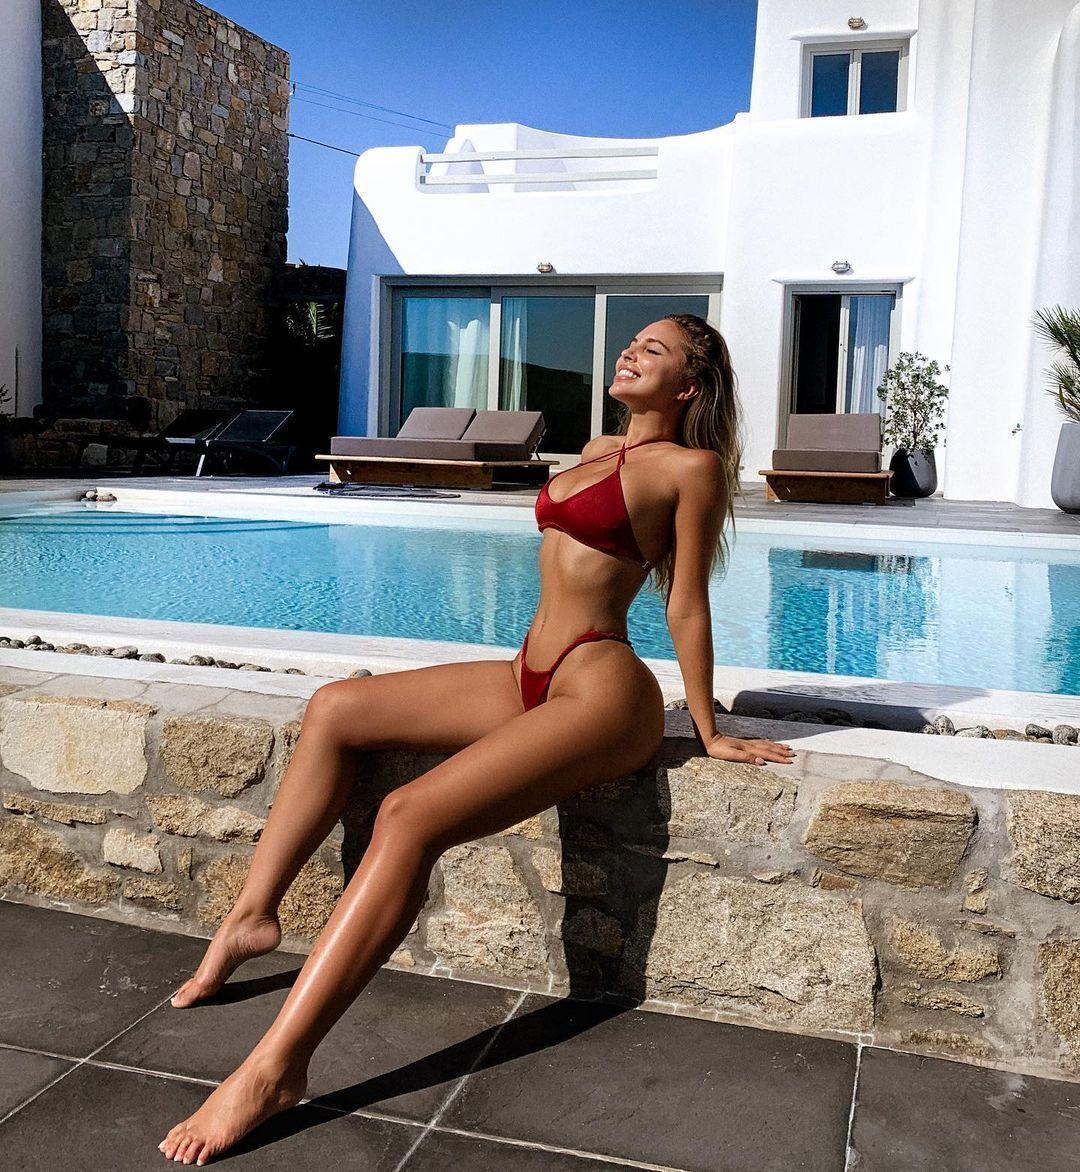 Вероника Белик возле бассейна